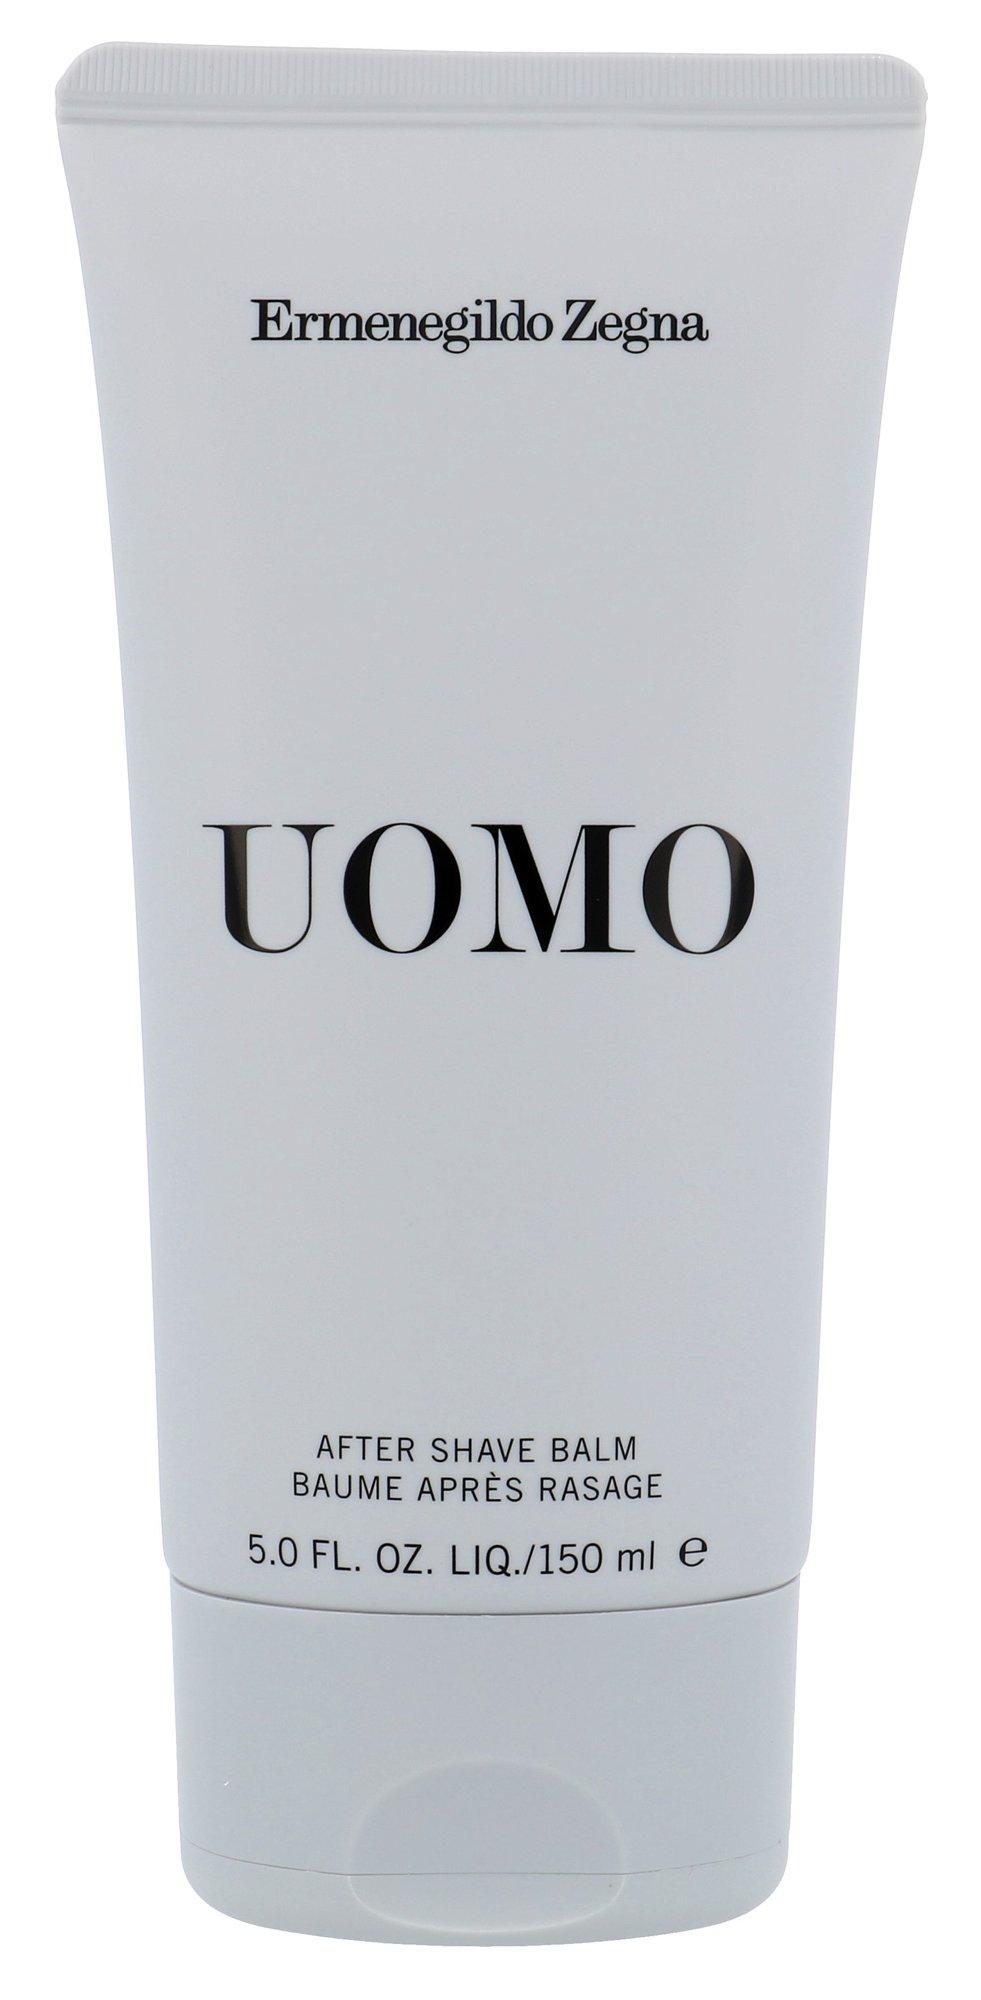 Ermenegildo Zegna Uomo After shave balm 150ml